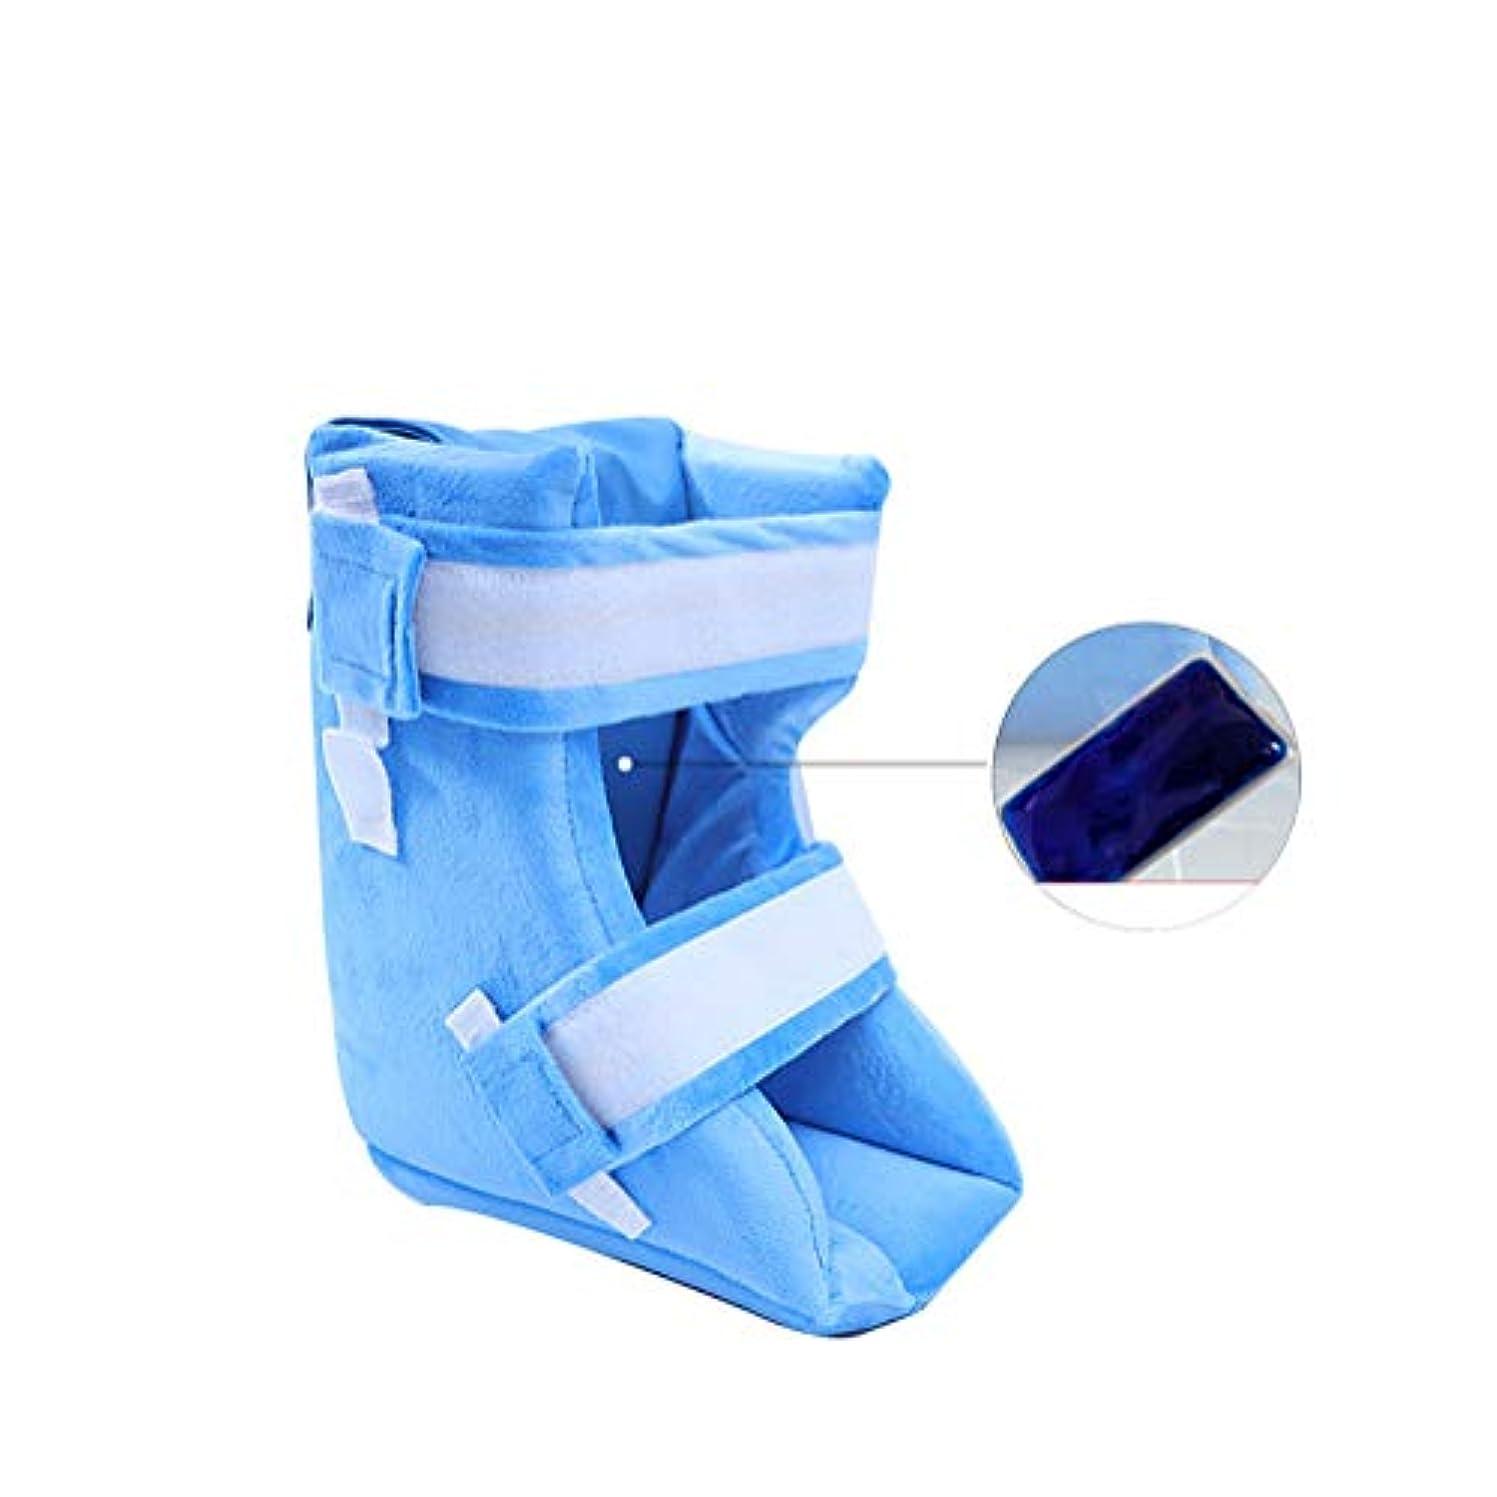 ミュート地殻宣伝ヒールプロテクター、ソフト慰めヒール枕、ヒールフロートヒールプロテクター、高齢者の足補正カバー,1Pc